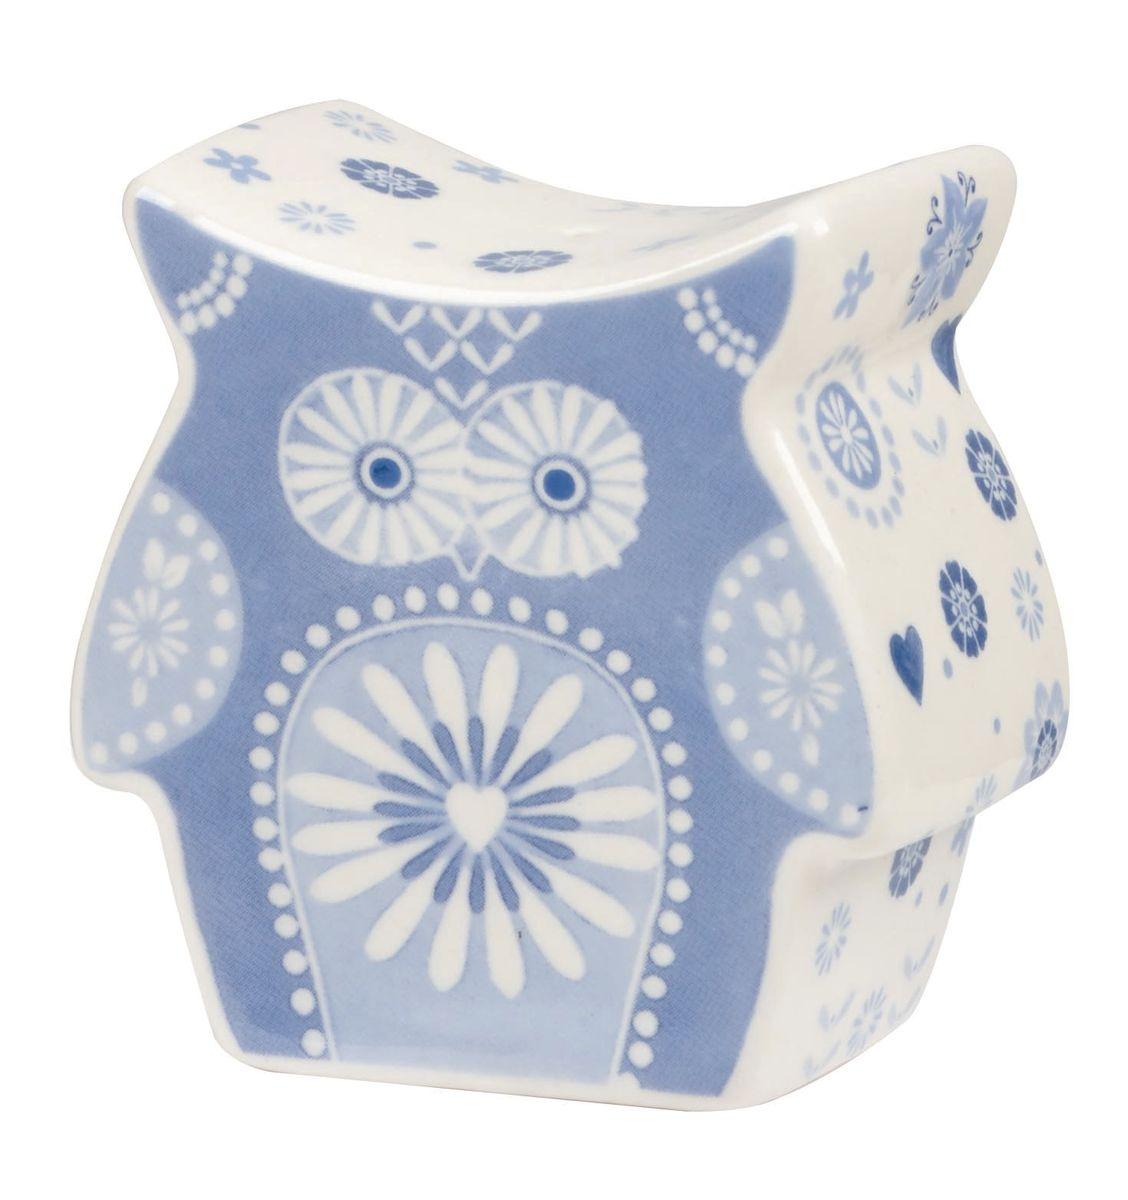 Набор для специй Churchill, 2 предмета. PENZ00491FD-59Коллекция Penzance - классическое сочетание синего и белого с народным дизайном. Материал: фарфор, фаянс, керамика.Можно мыть в посудомоечной машинеМожно использовать в микроволновой печи